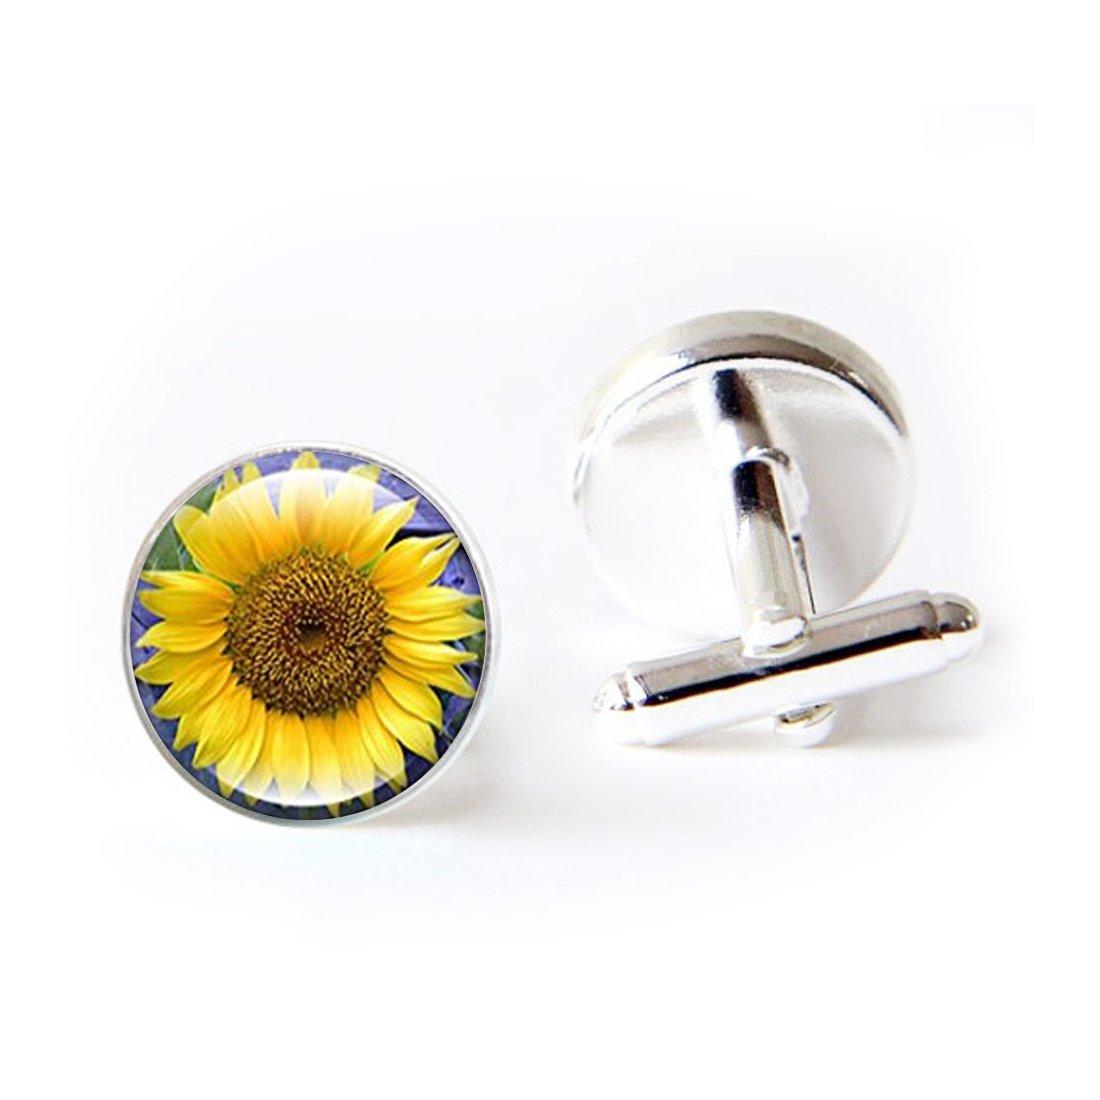 JEANCZ Jewelry Stainless Cufflinks Sunflower Classic Tuxedo Shirt Cufflinks with Elegant Storage Display Box